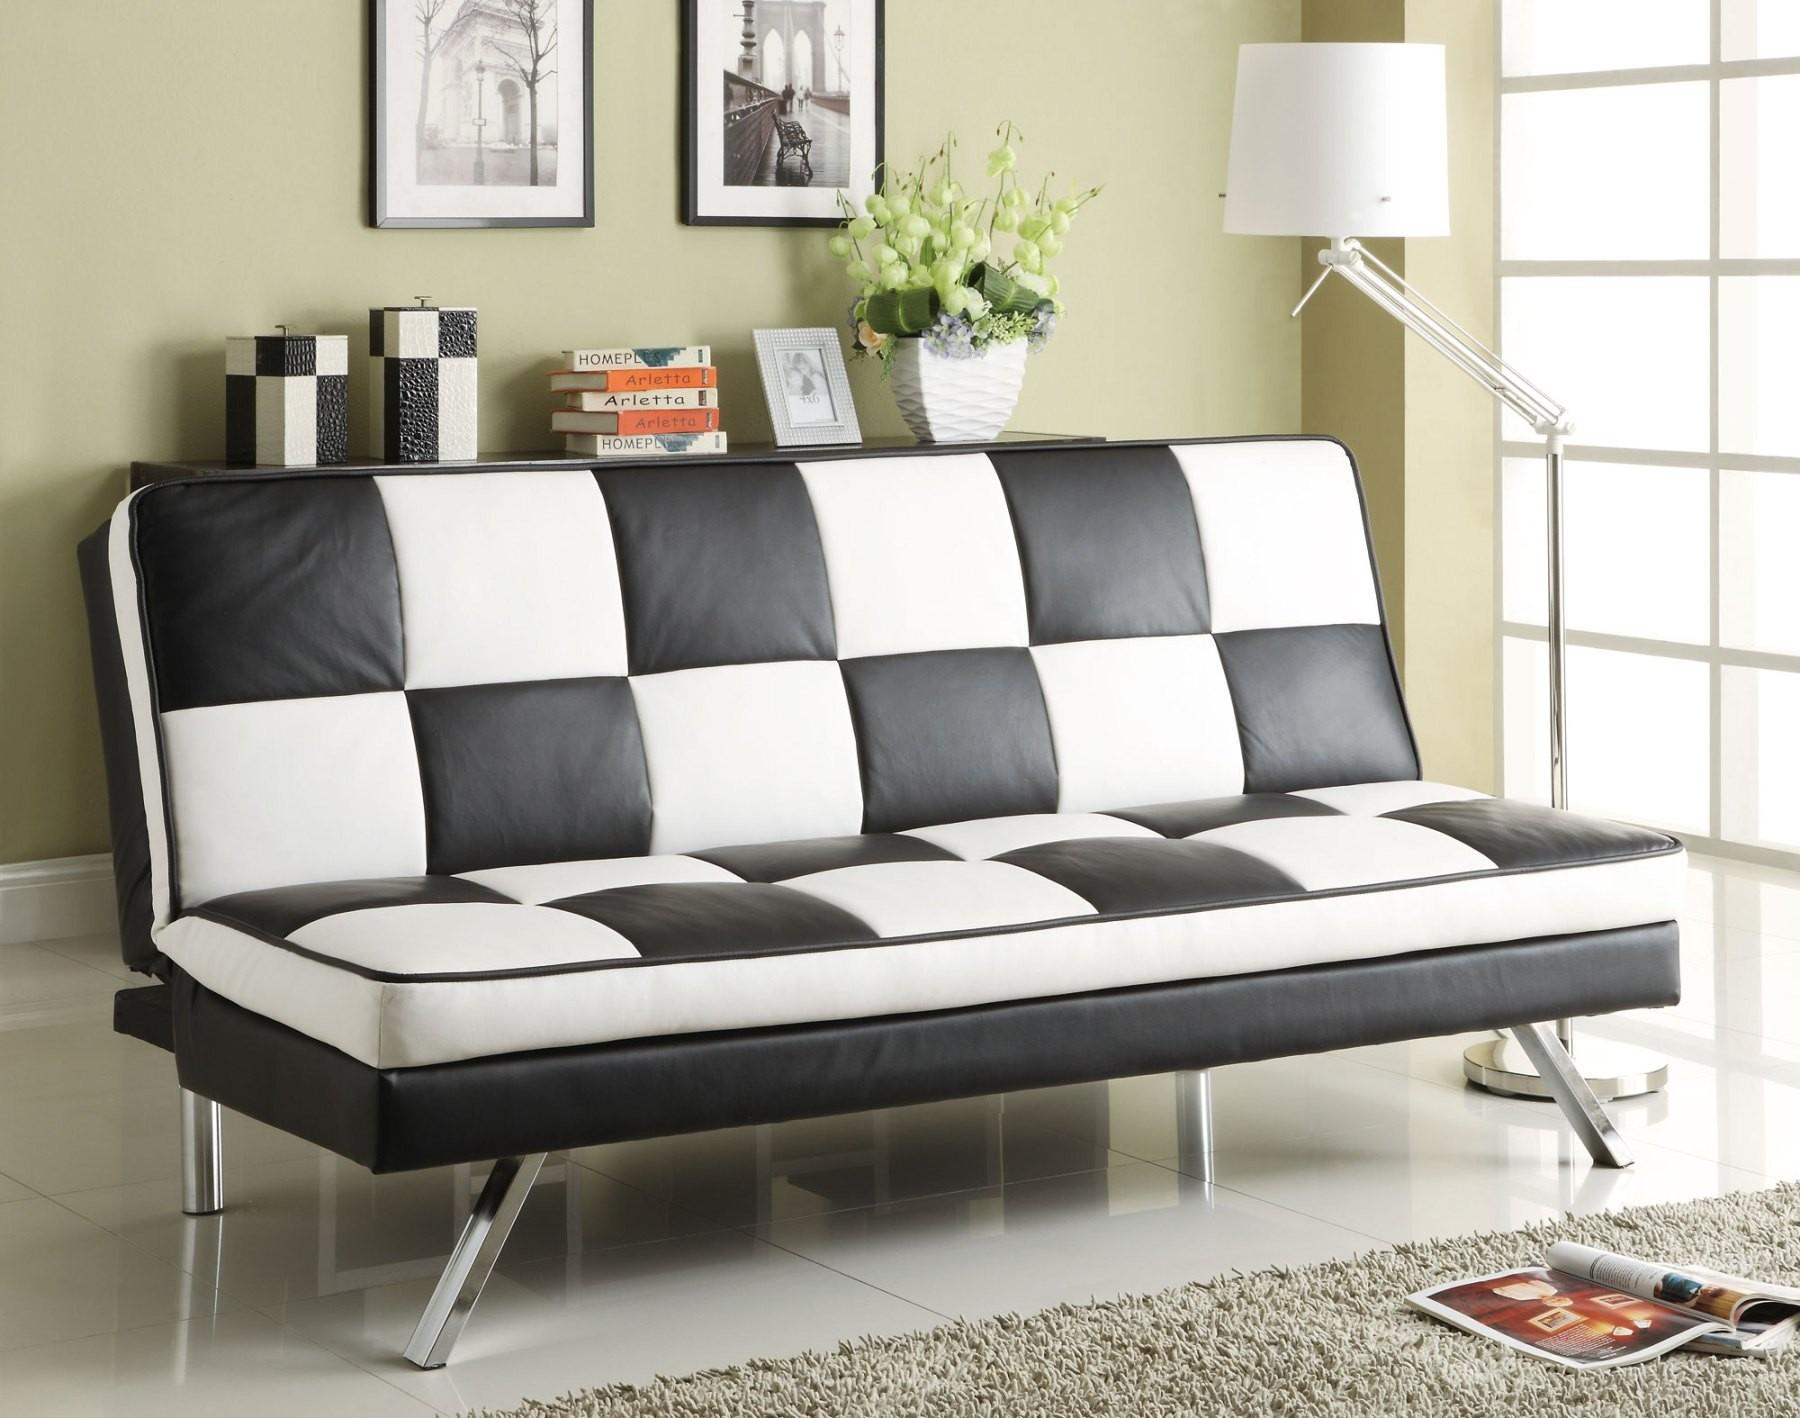 Coaster Click Clack Convertible Sofa 300225 Convertible Sofa